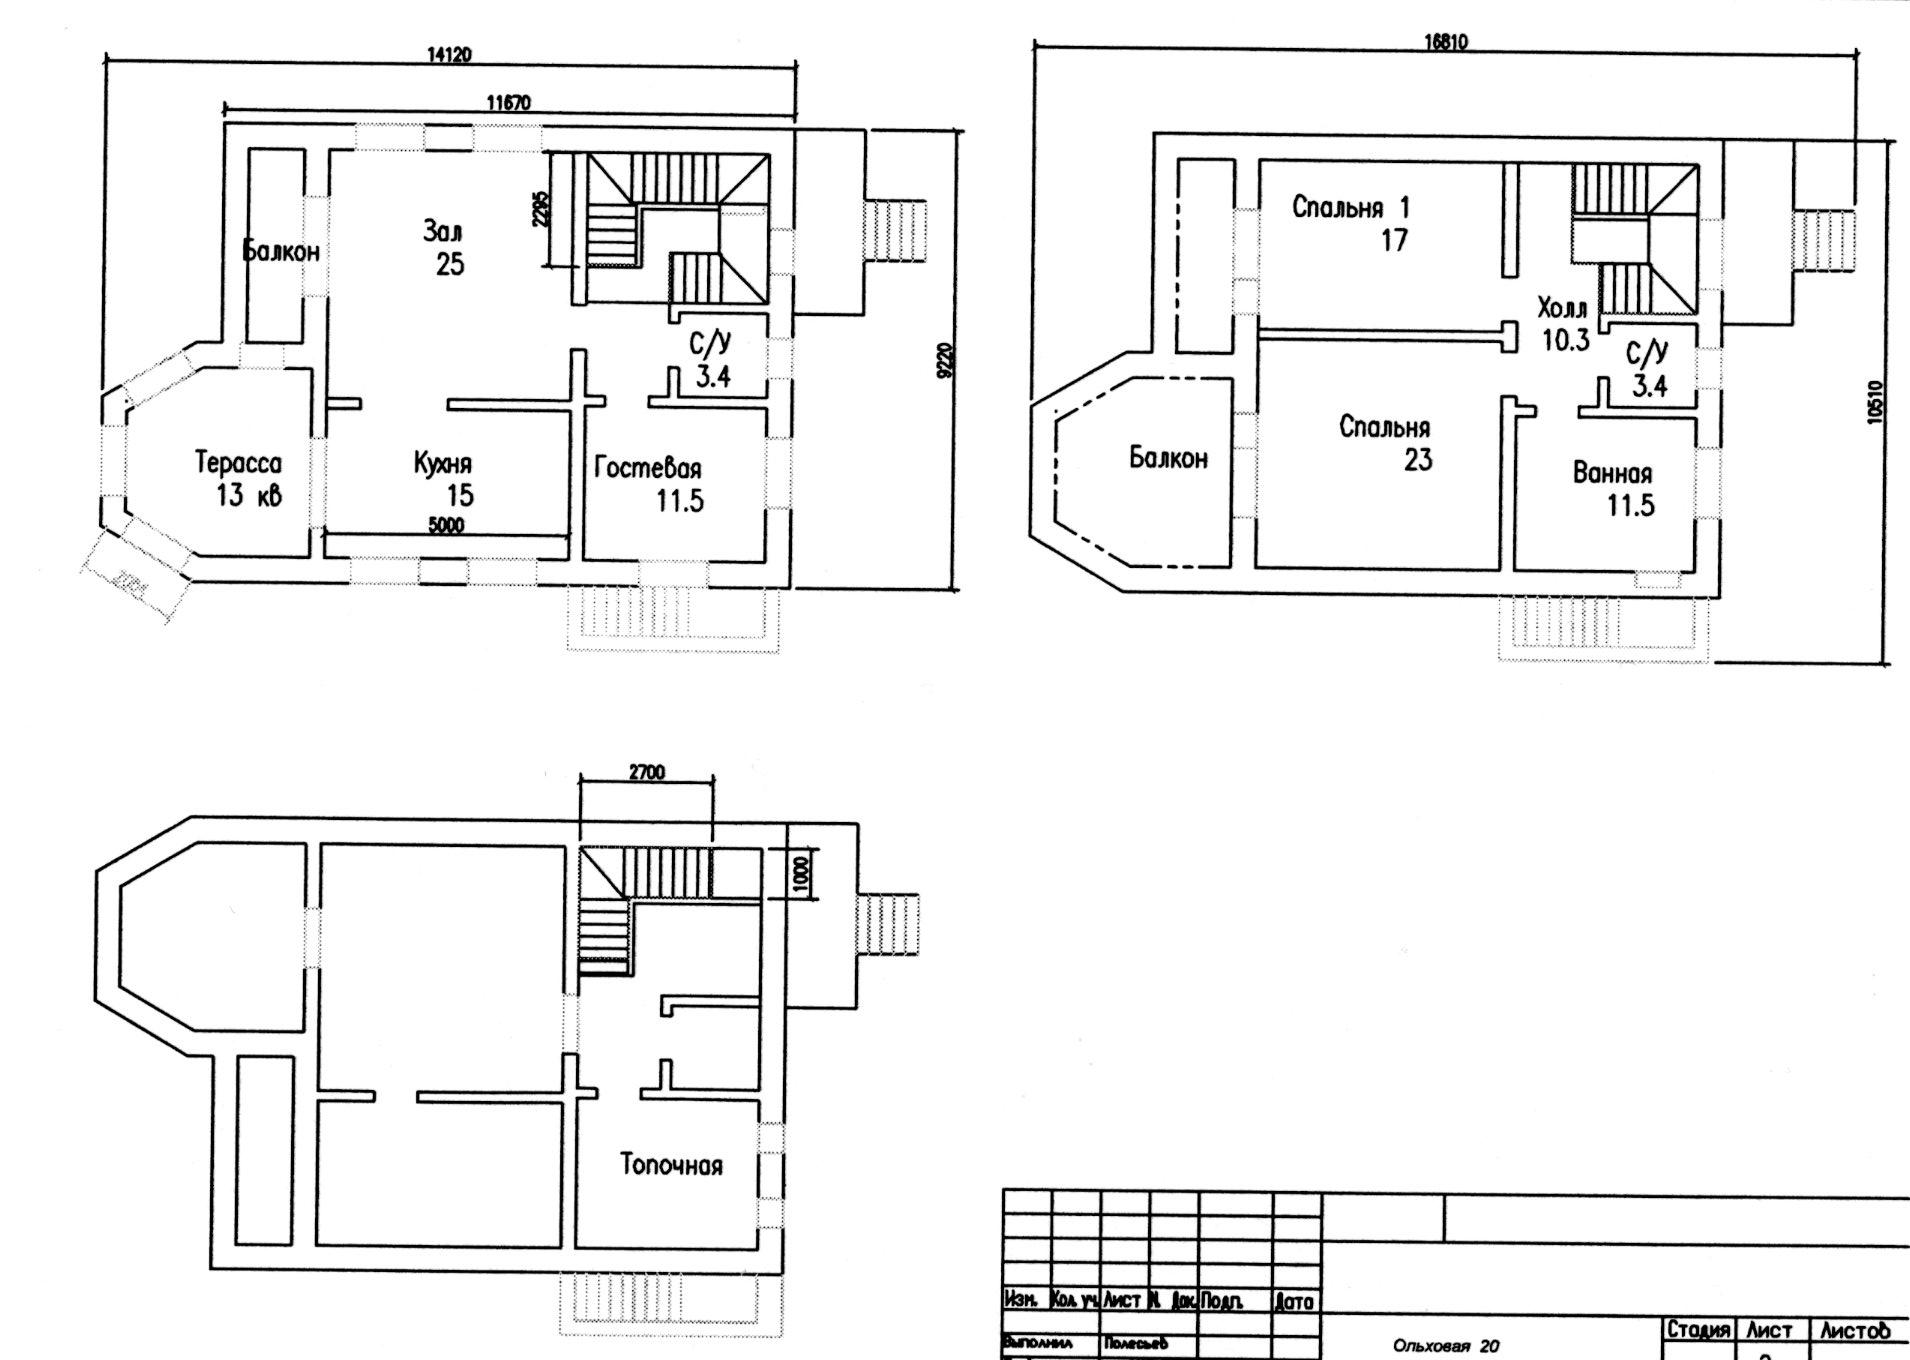 Оценка проекта дома из пеноблоков с цокольным этажом, Московская